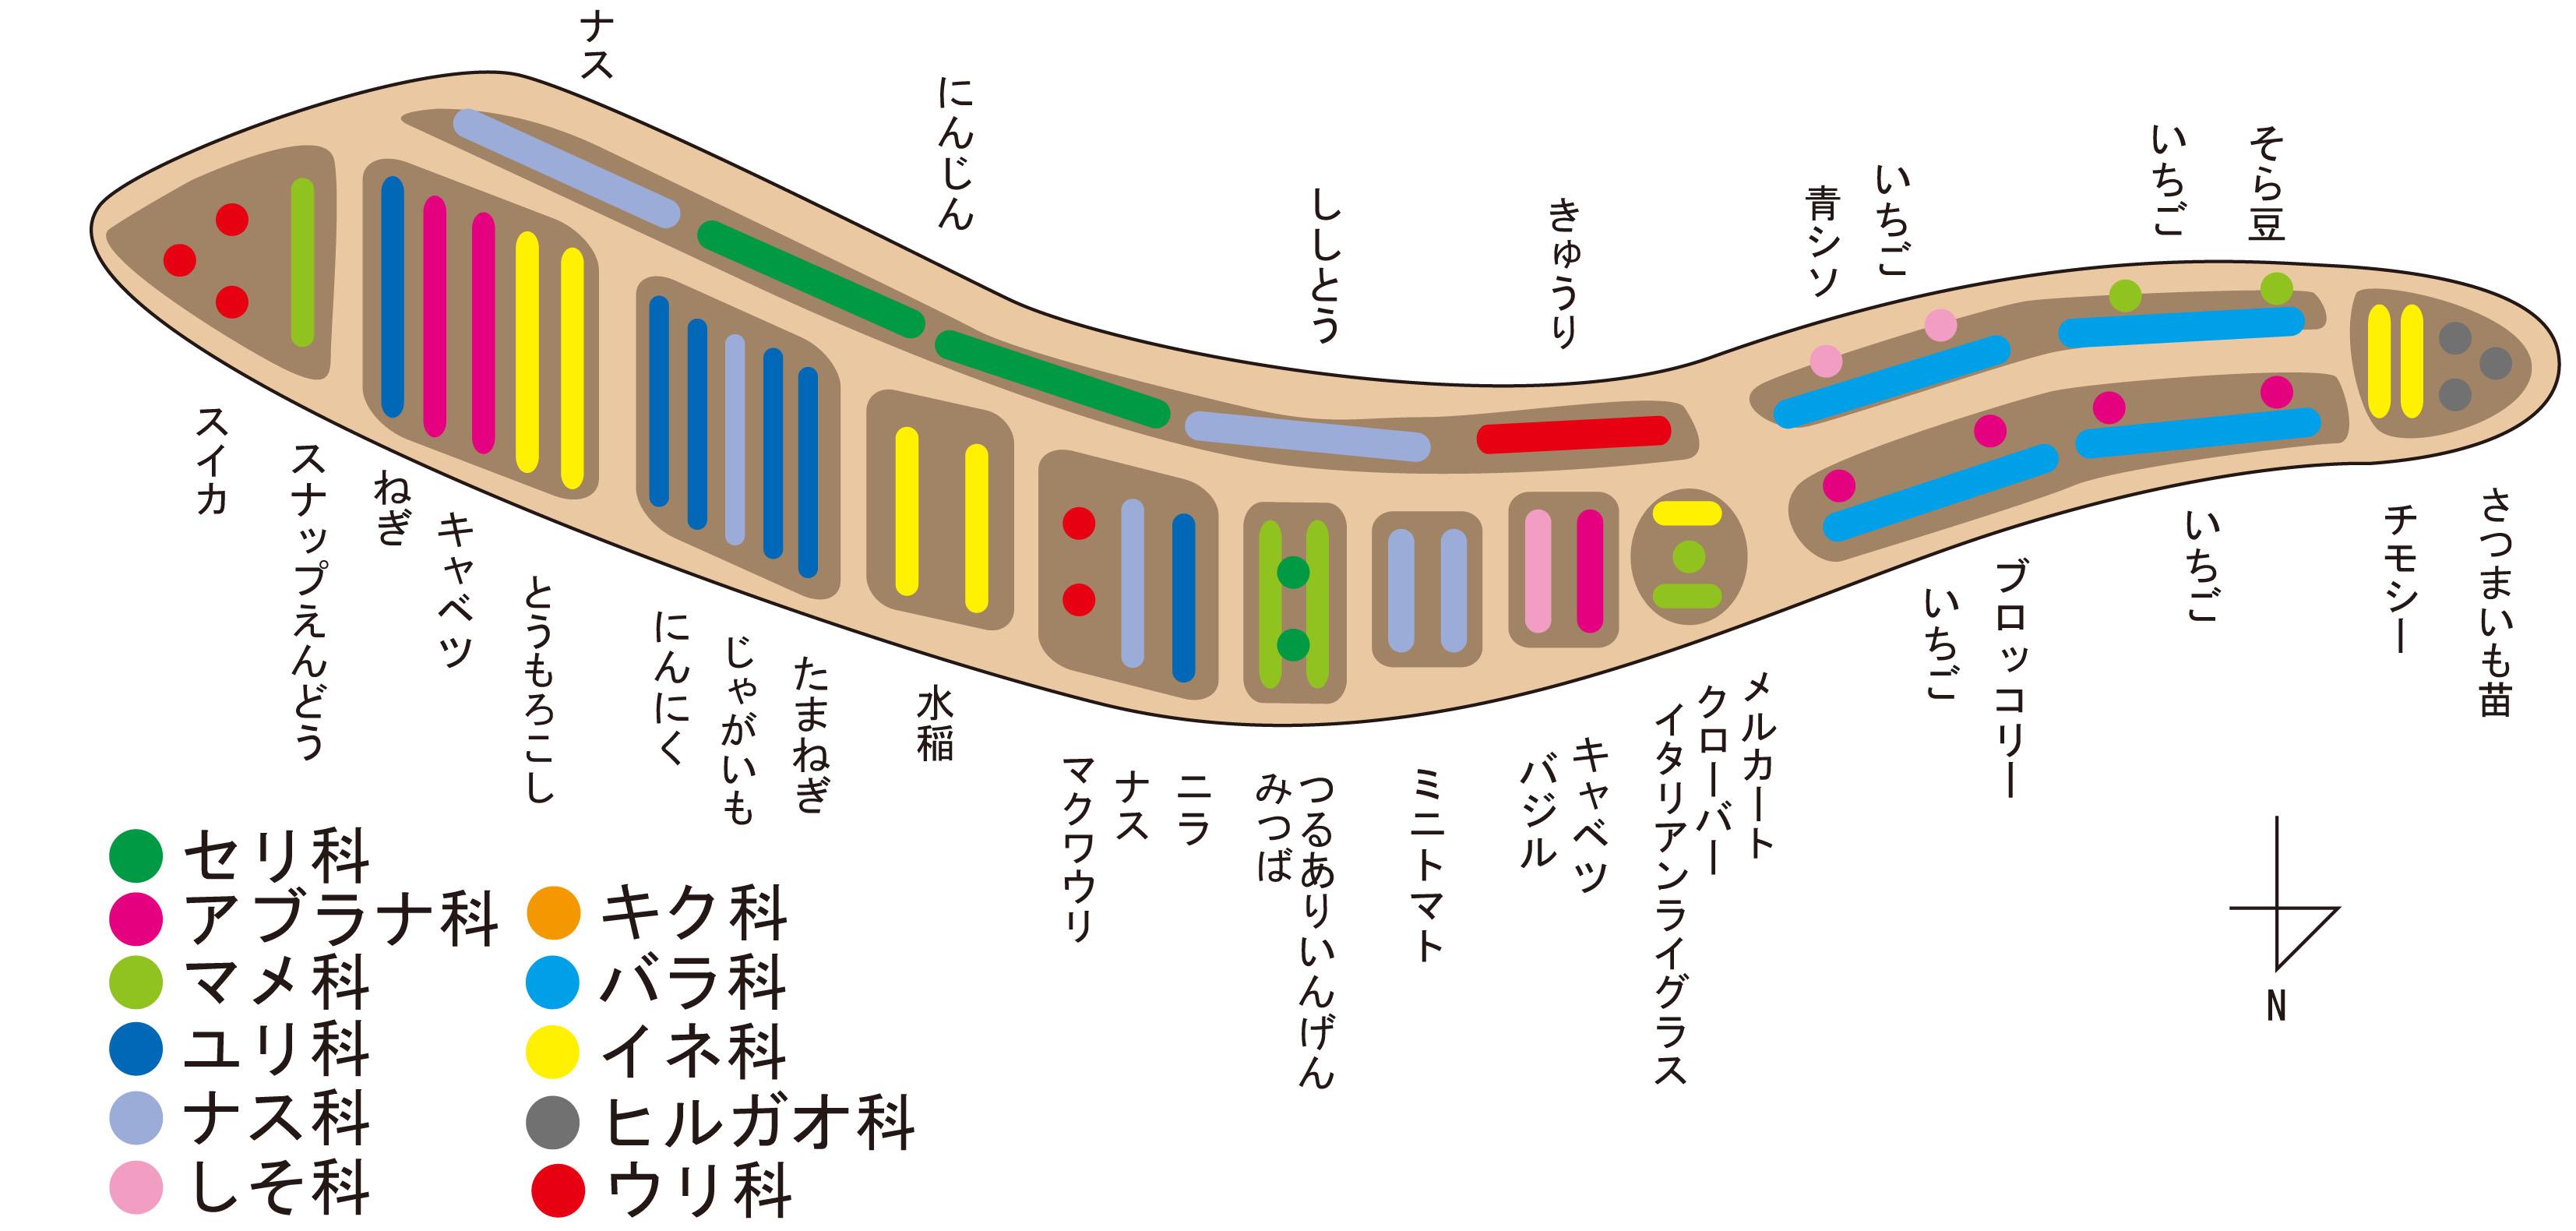 2012 春 作付け表